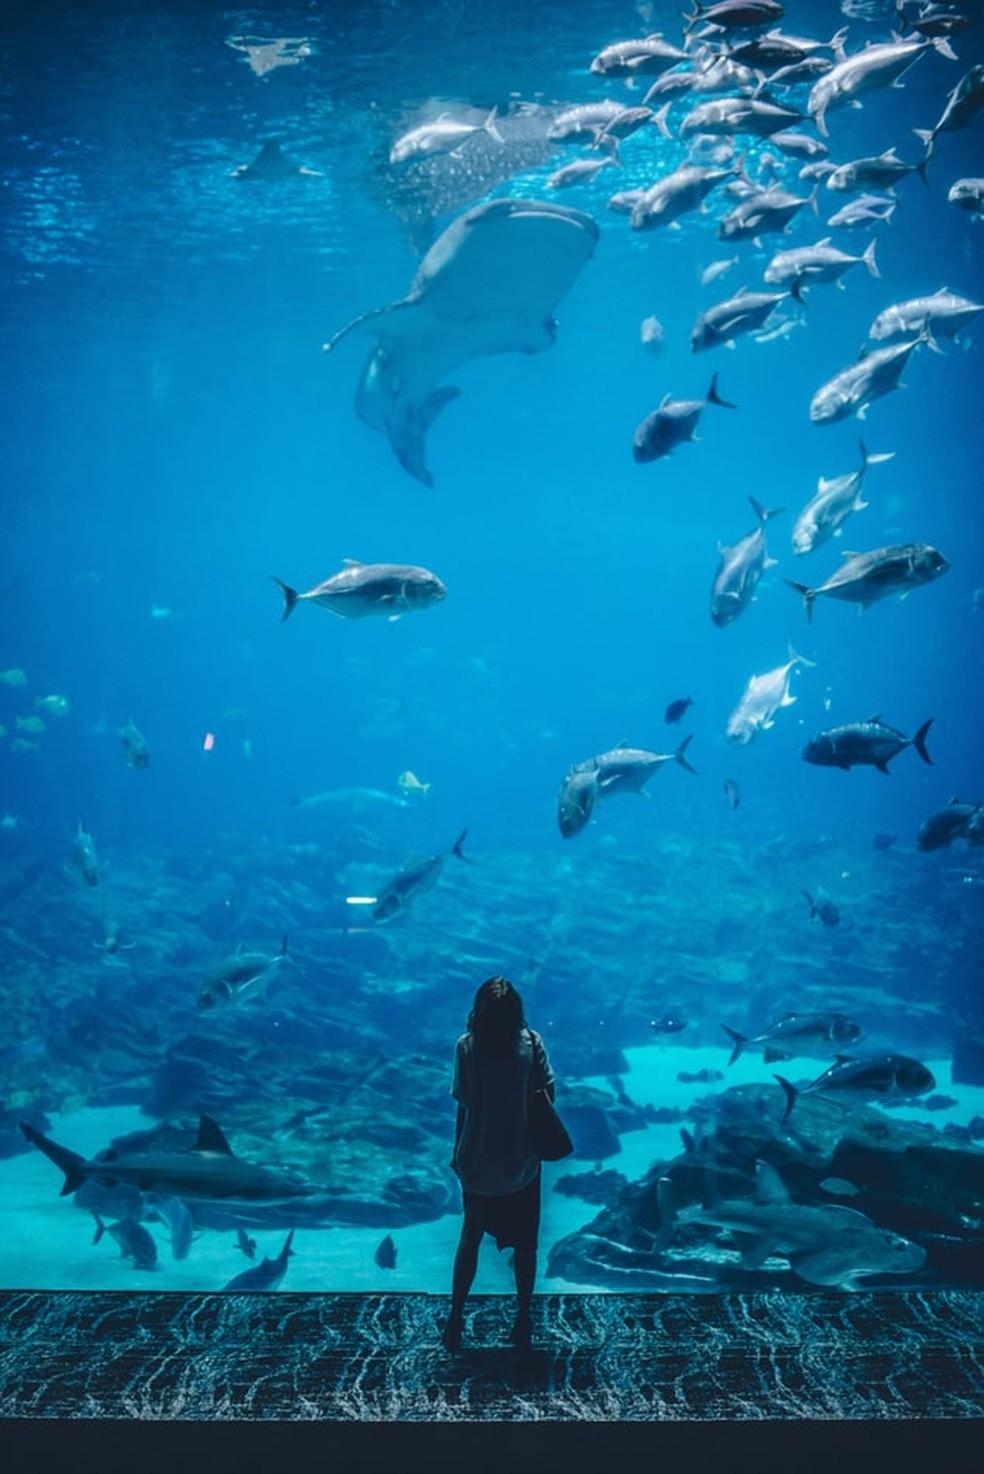 """Cientistas também compararam ambientes marinhos e de água doce, pois são """"estruturalmente muito distintos"""" — Foto:  Ian Schneider/Unsplash"""